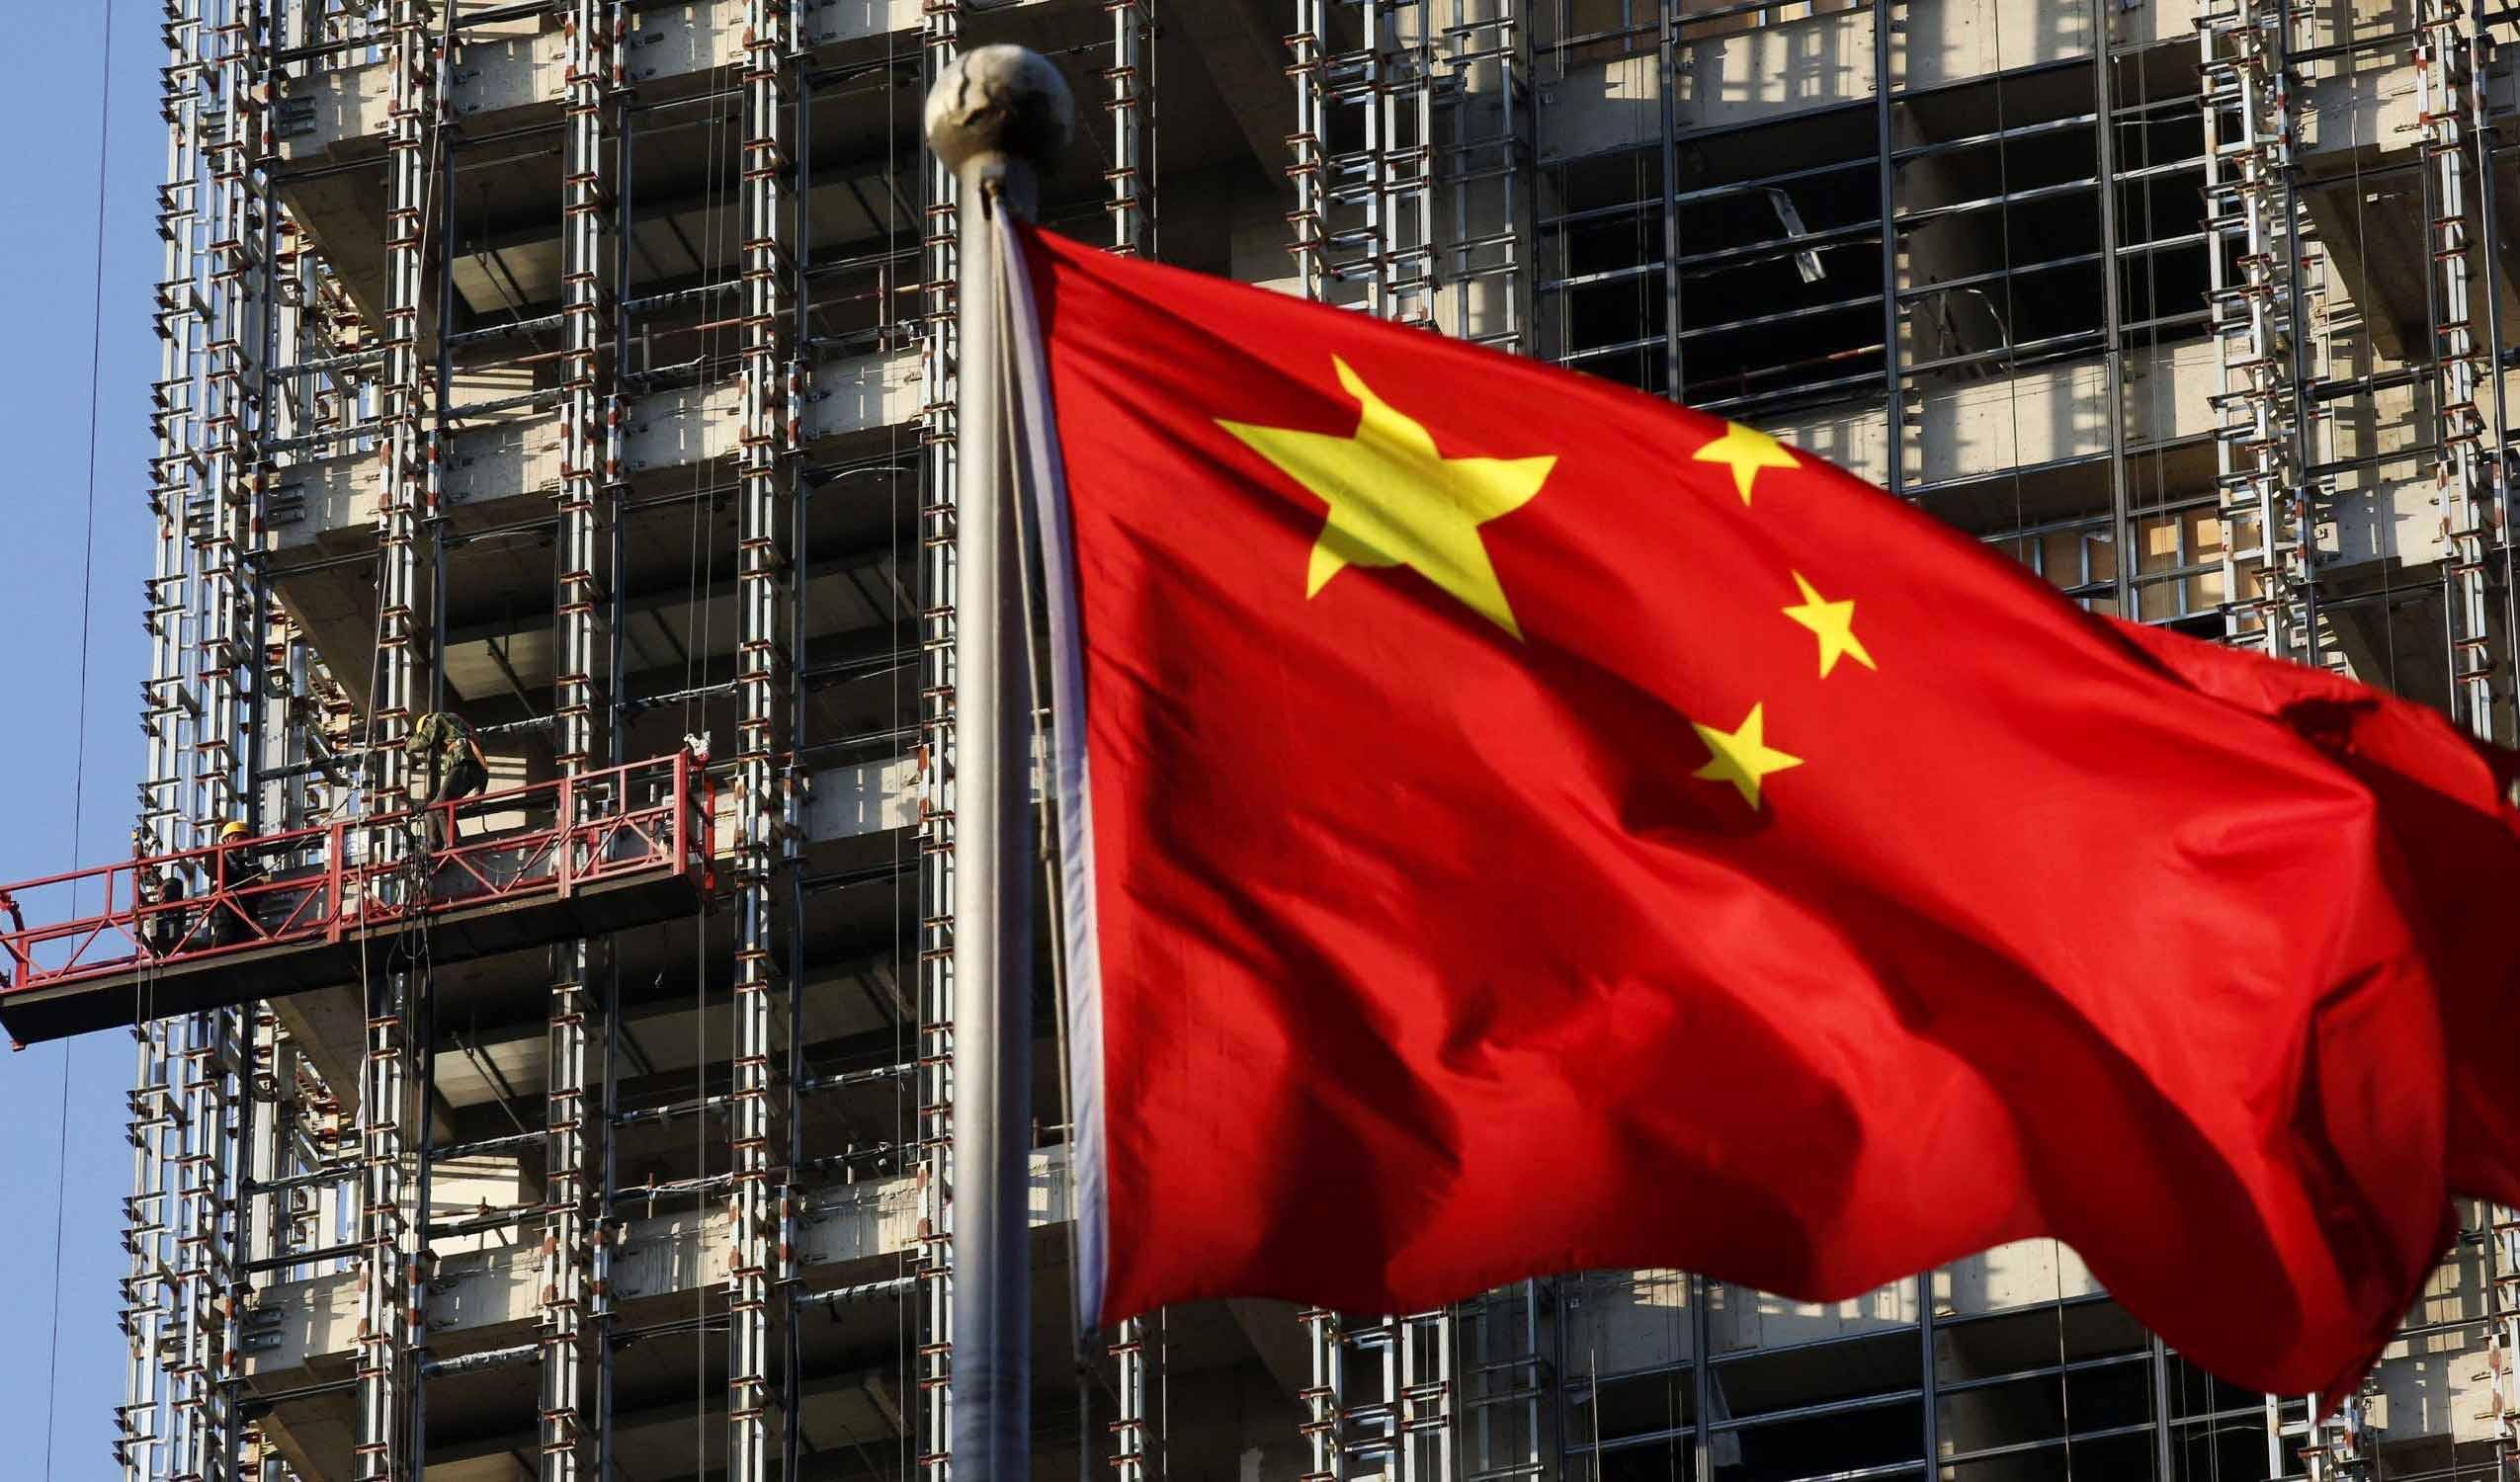 چین به دنبال تبدیل شدن به قدرت تثبیتکننده بازارهای مالی جهان